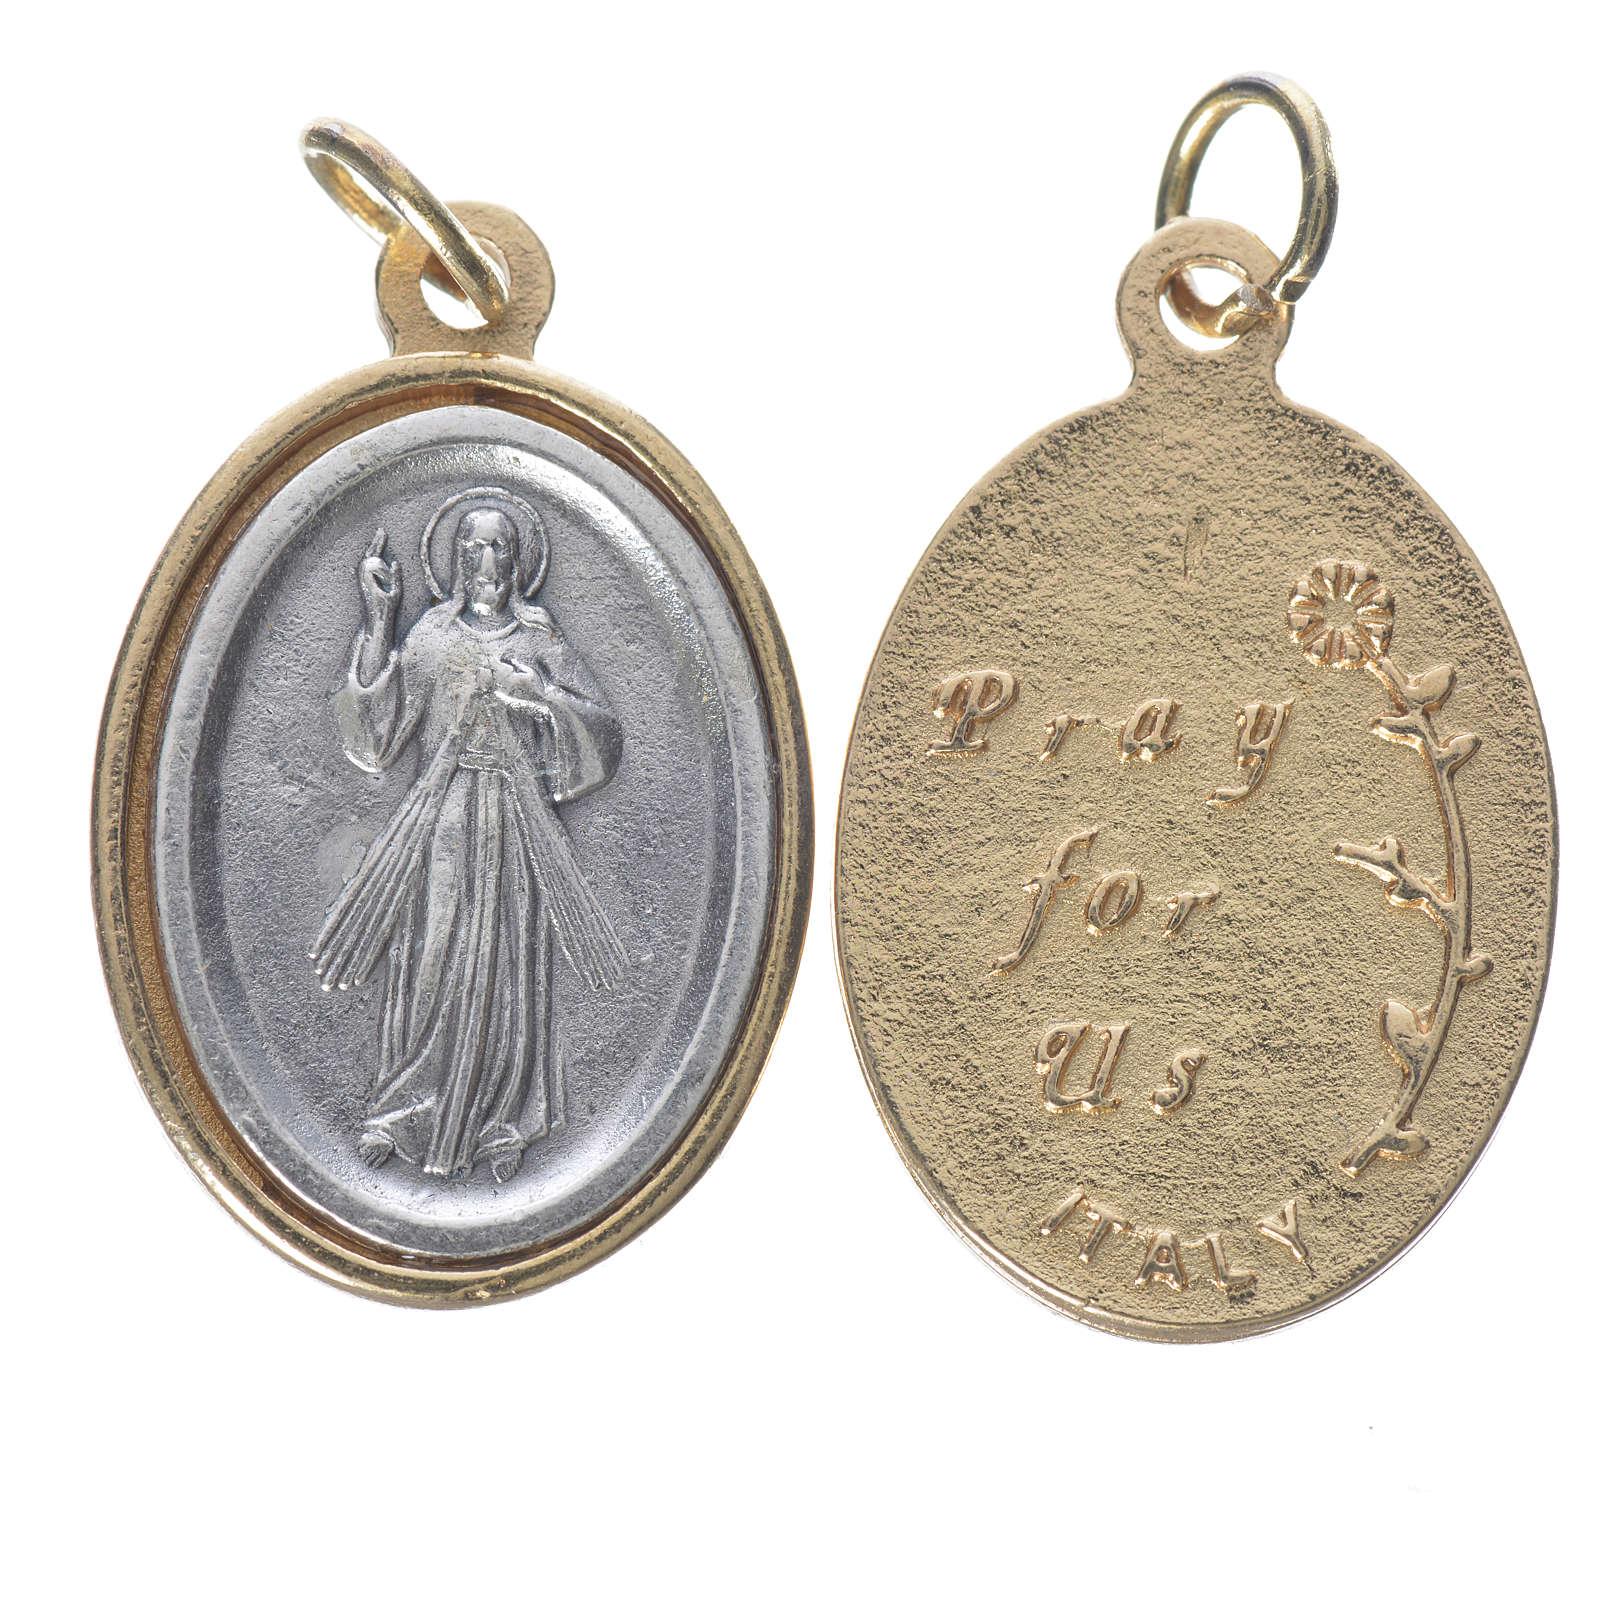 Medaglia Gesù Misericordioso metallo dorata argentata 2,5cm 4